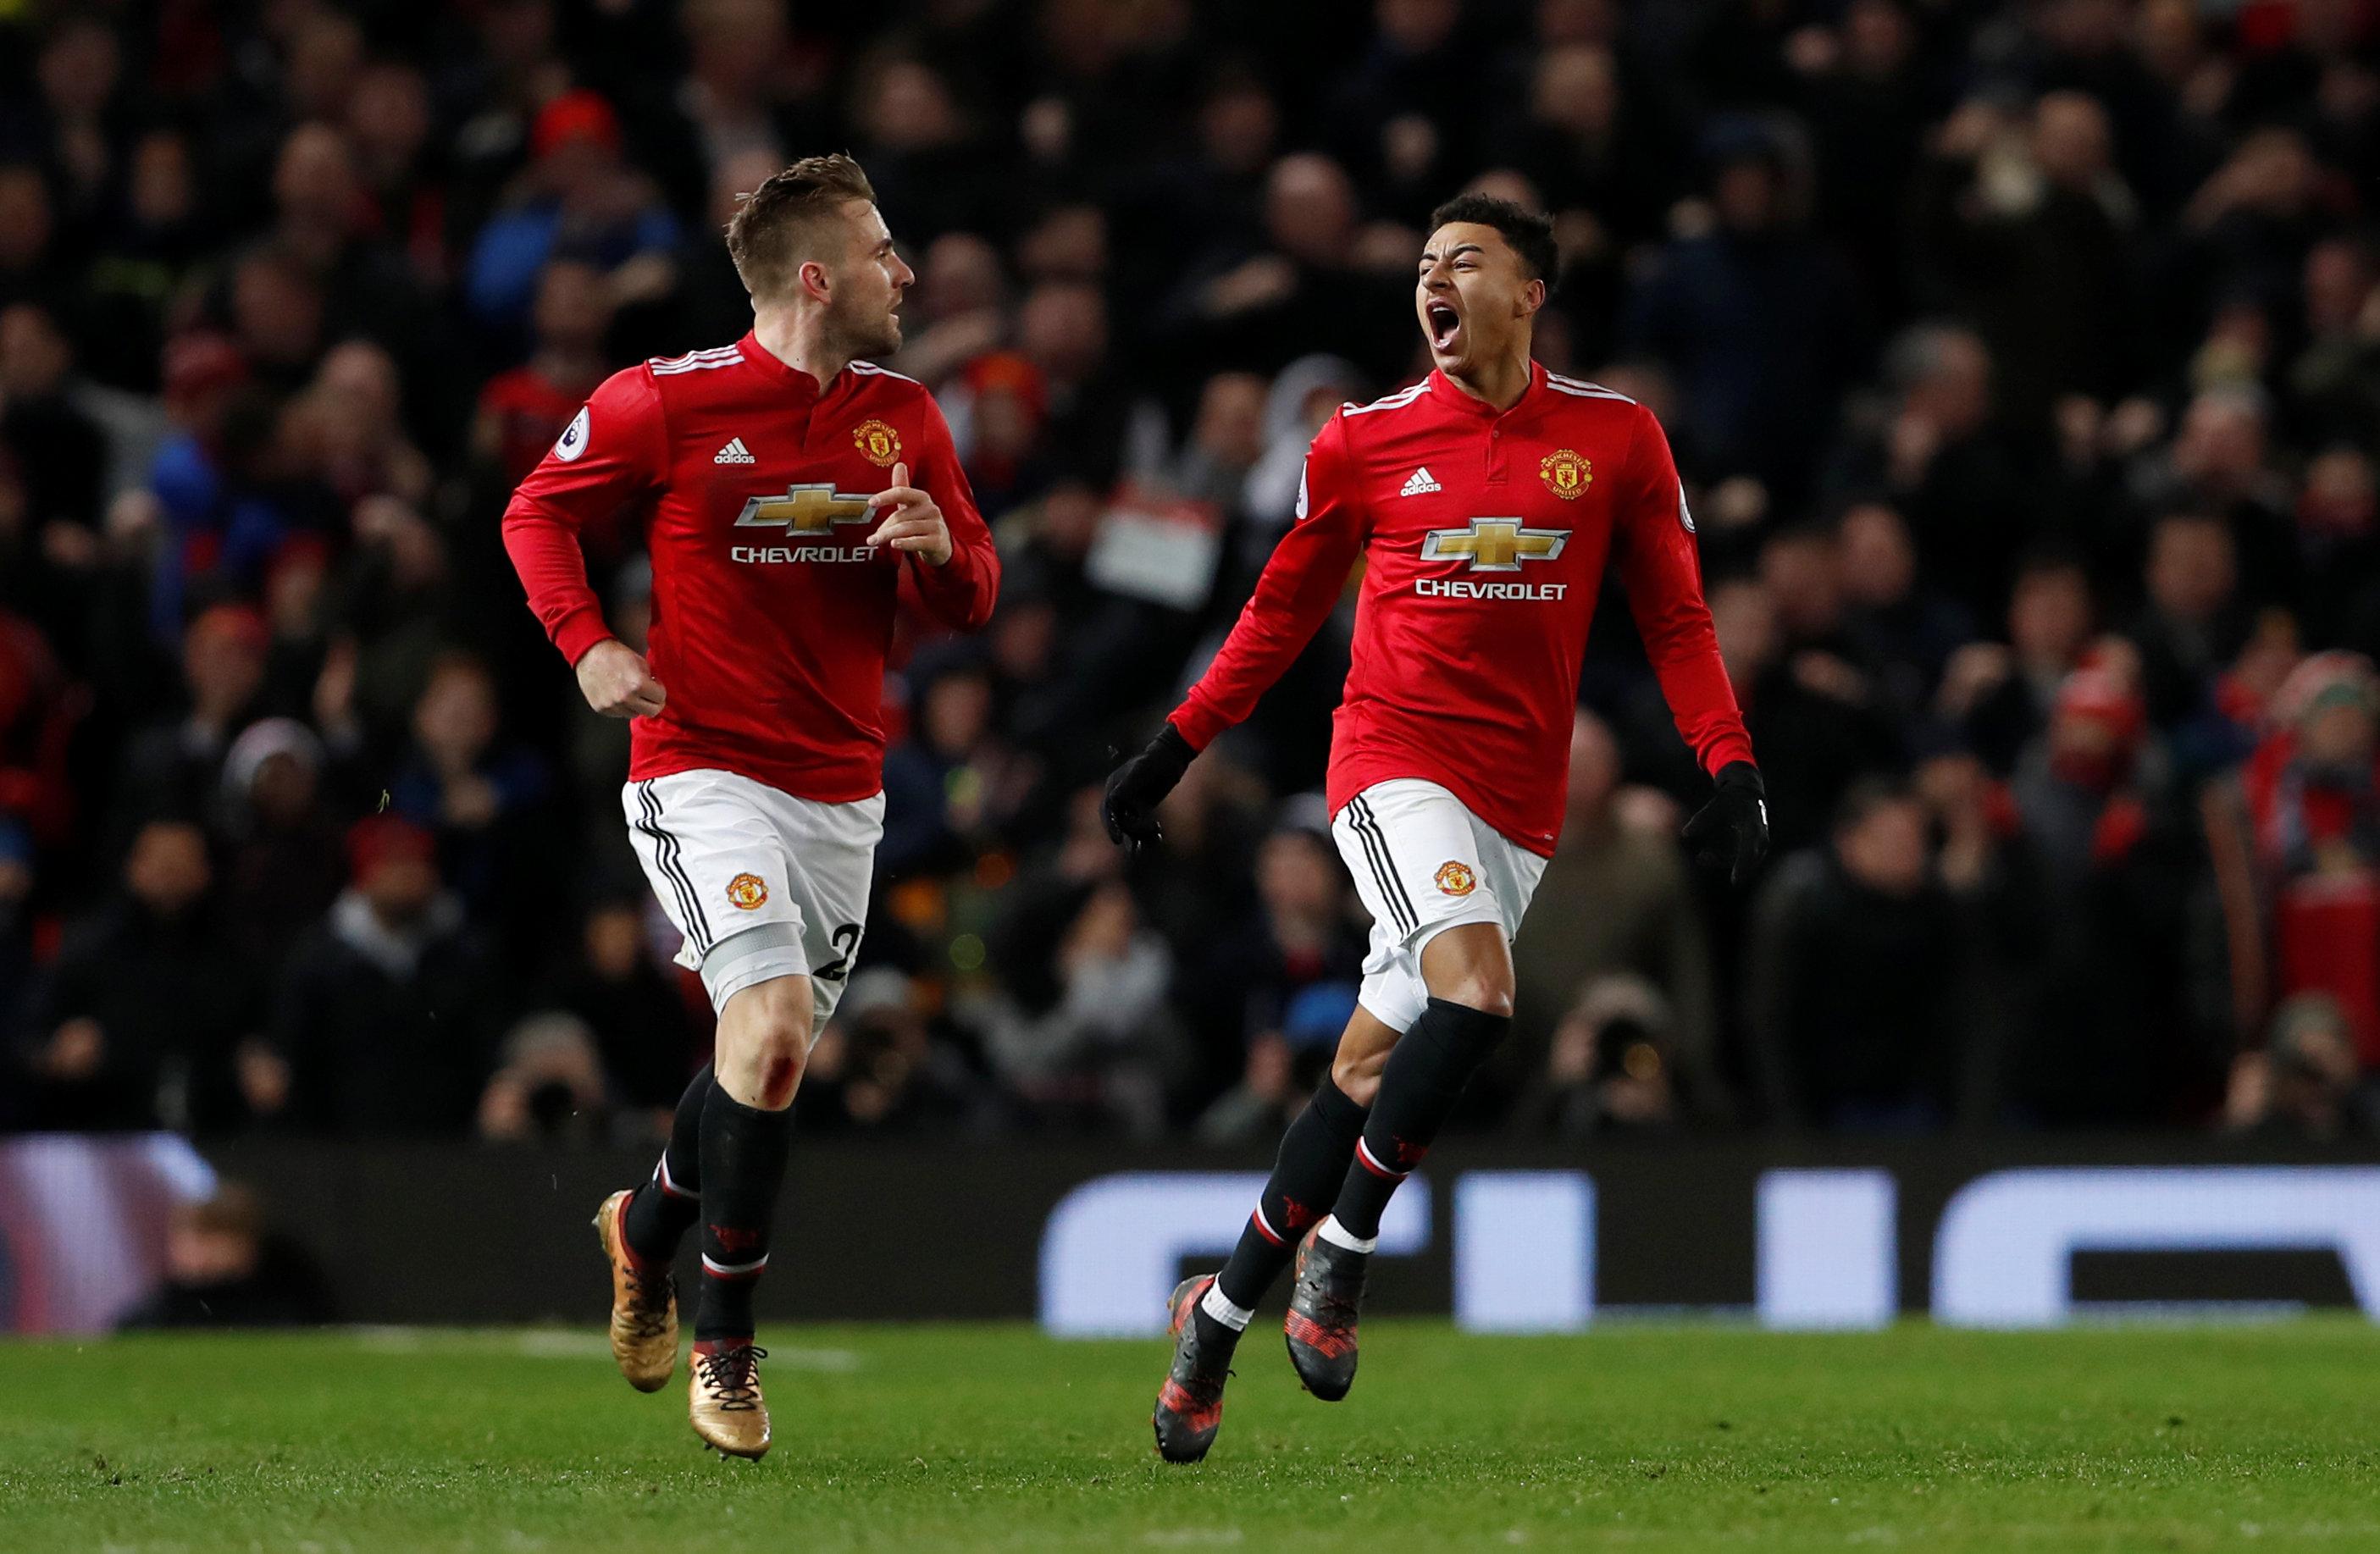 Niềm vui của Lingard sau khi gỡ hòa 2-2 cho M.U. Ảnh: REUTERS